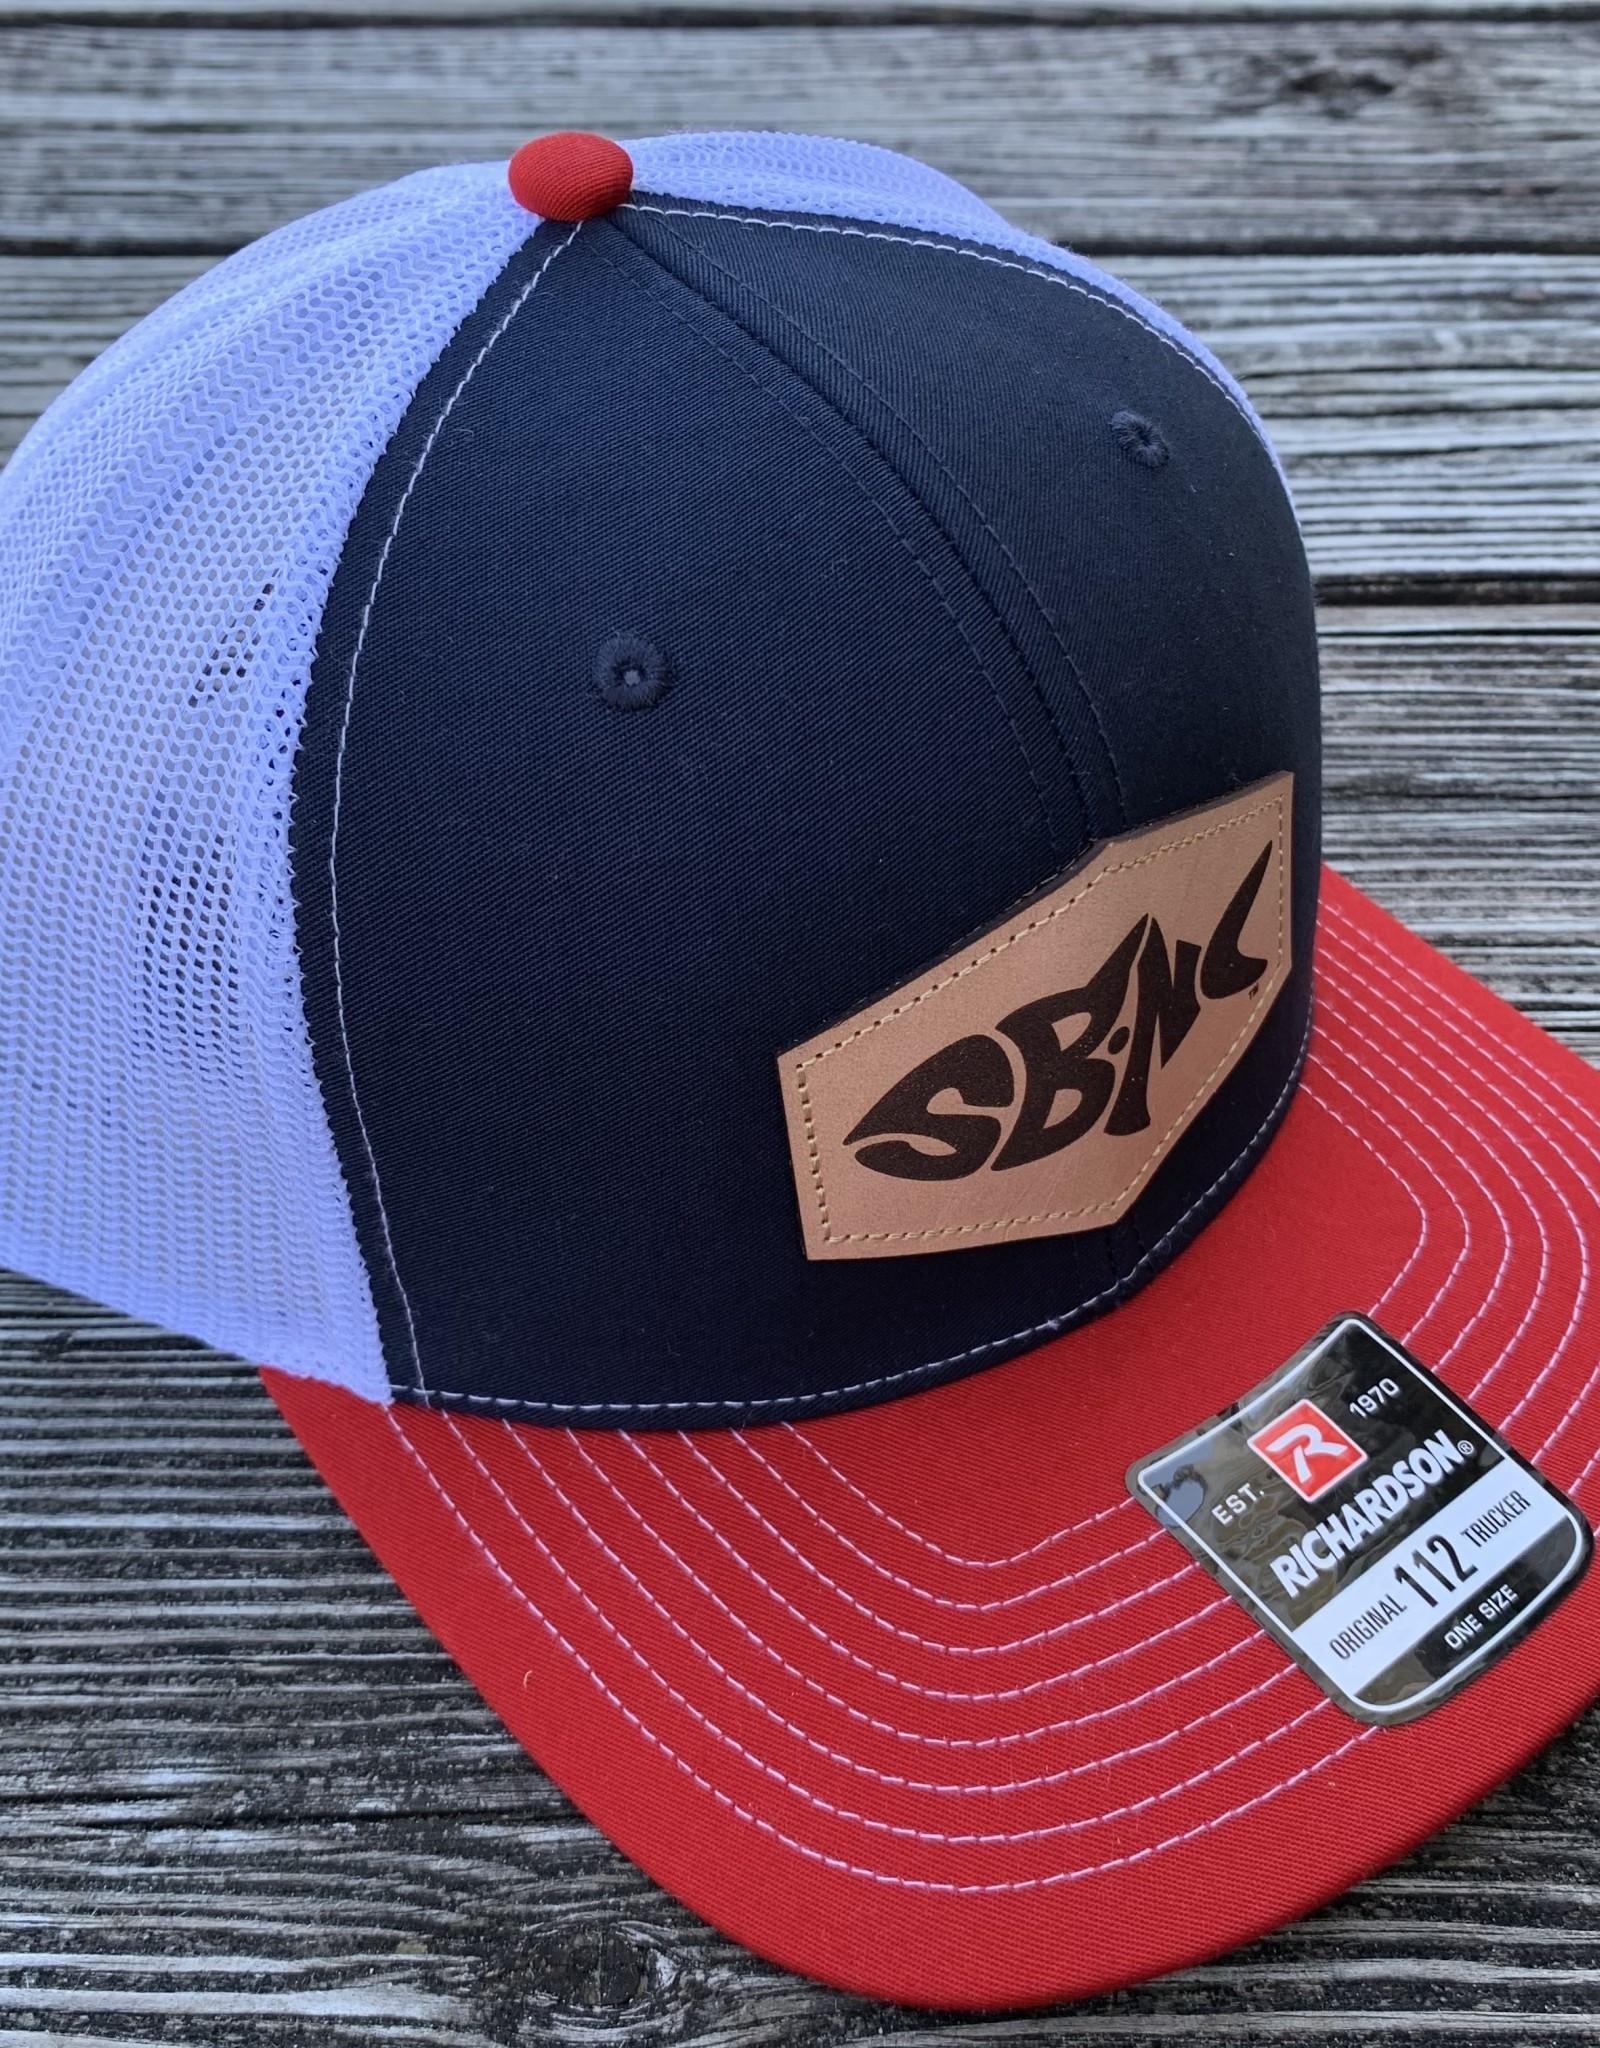 sbncfish SBNC FISH PATCH CAP NAV/WHT/RED